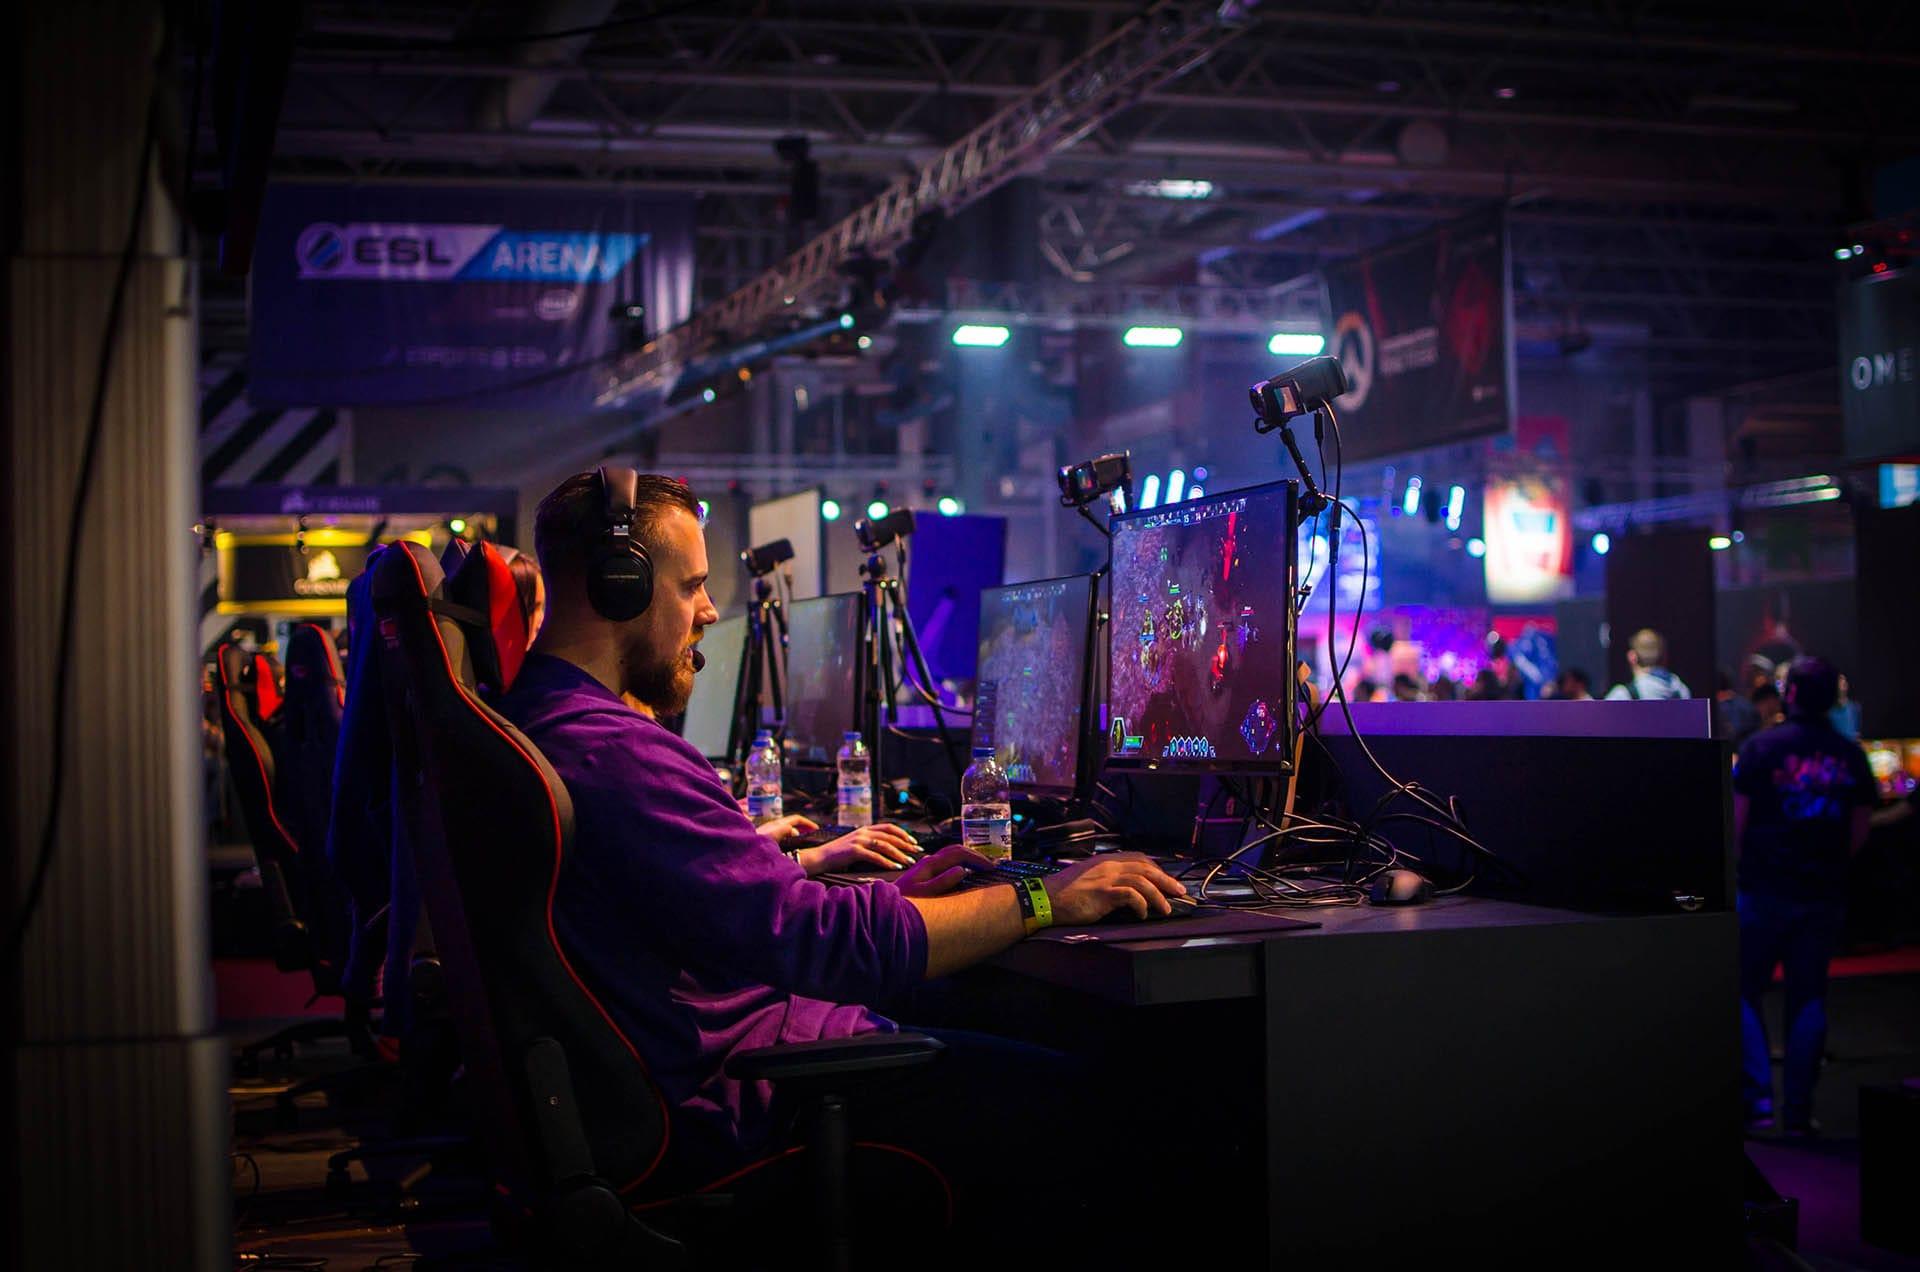 Gaming Center Landing Page